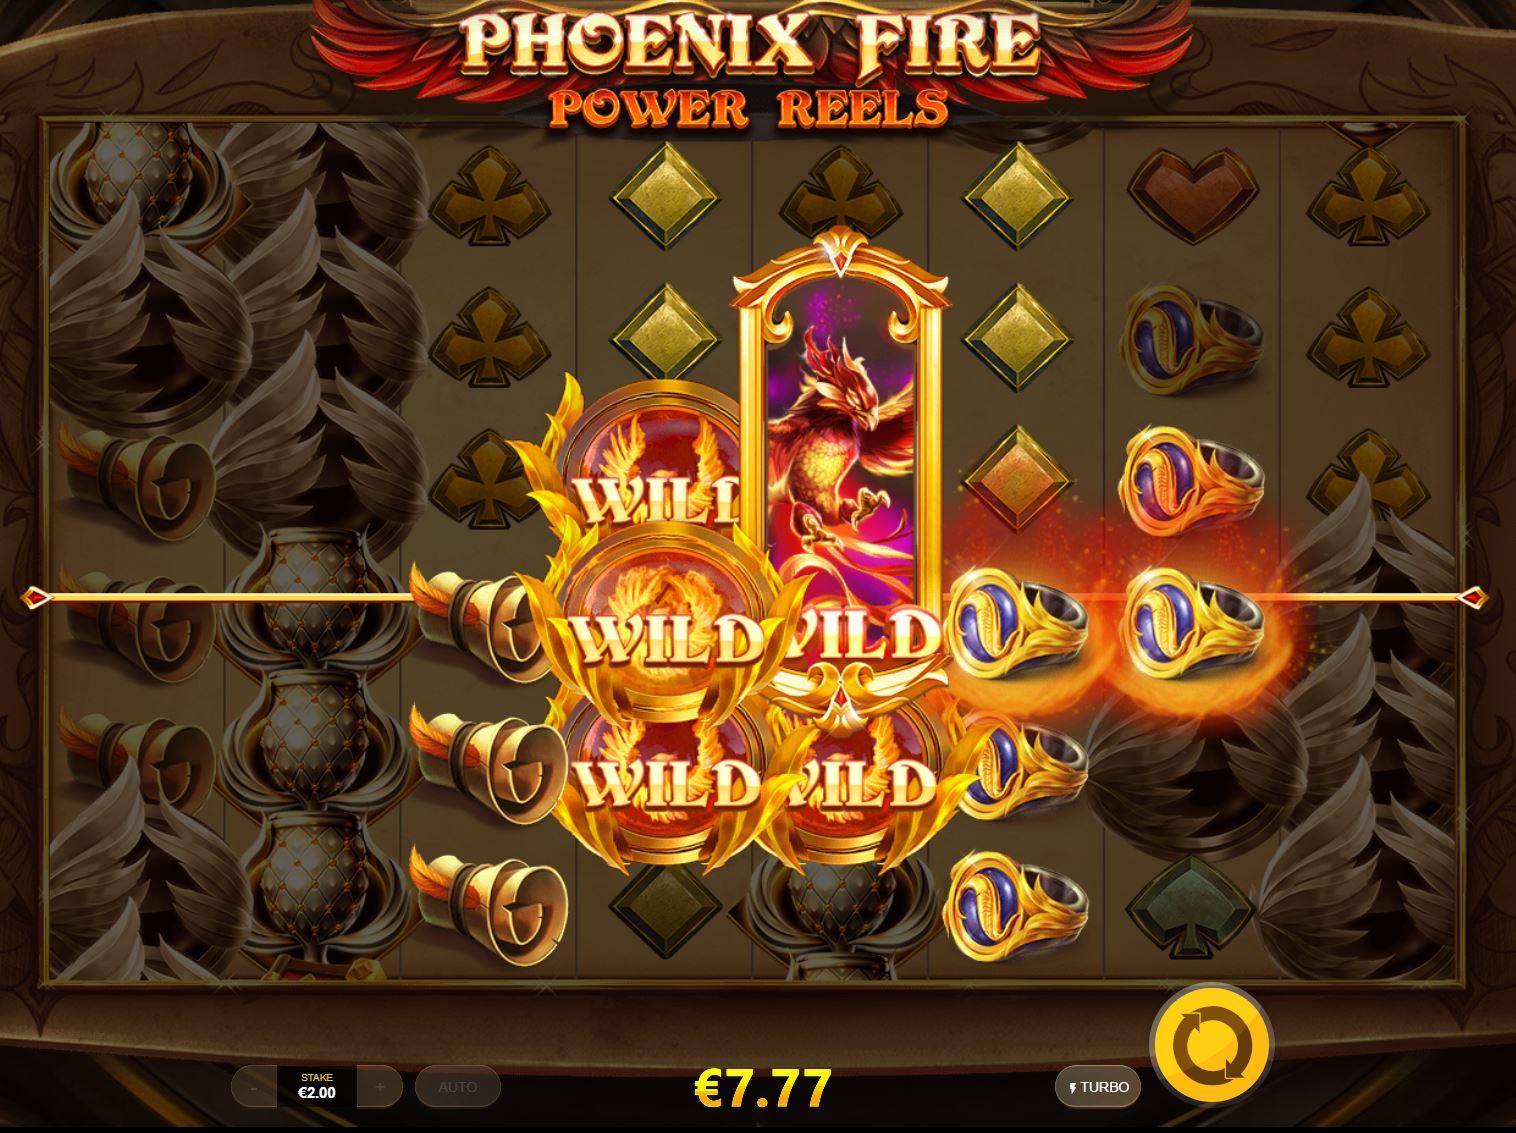 Phoenix Firebird power reels reels